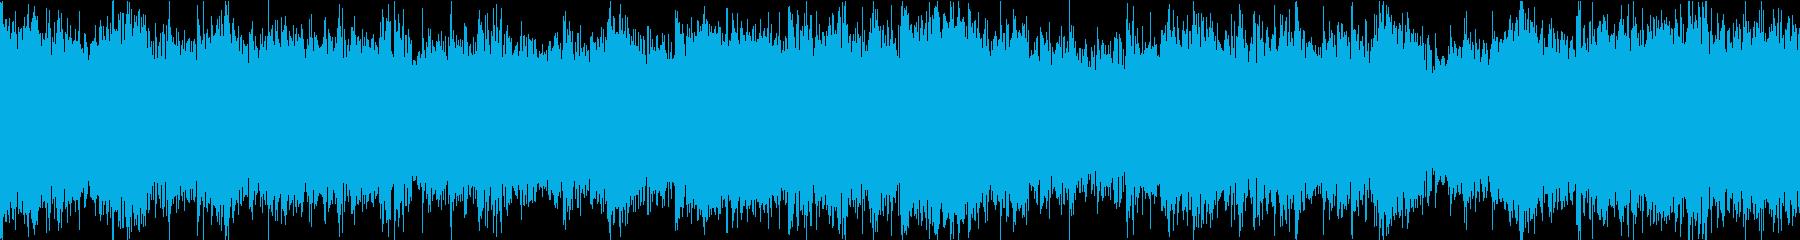 前向きになる希望に満ちた曲 ループverの再生済みの波形